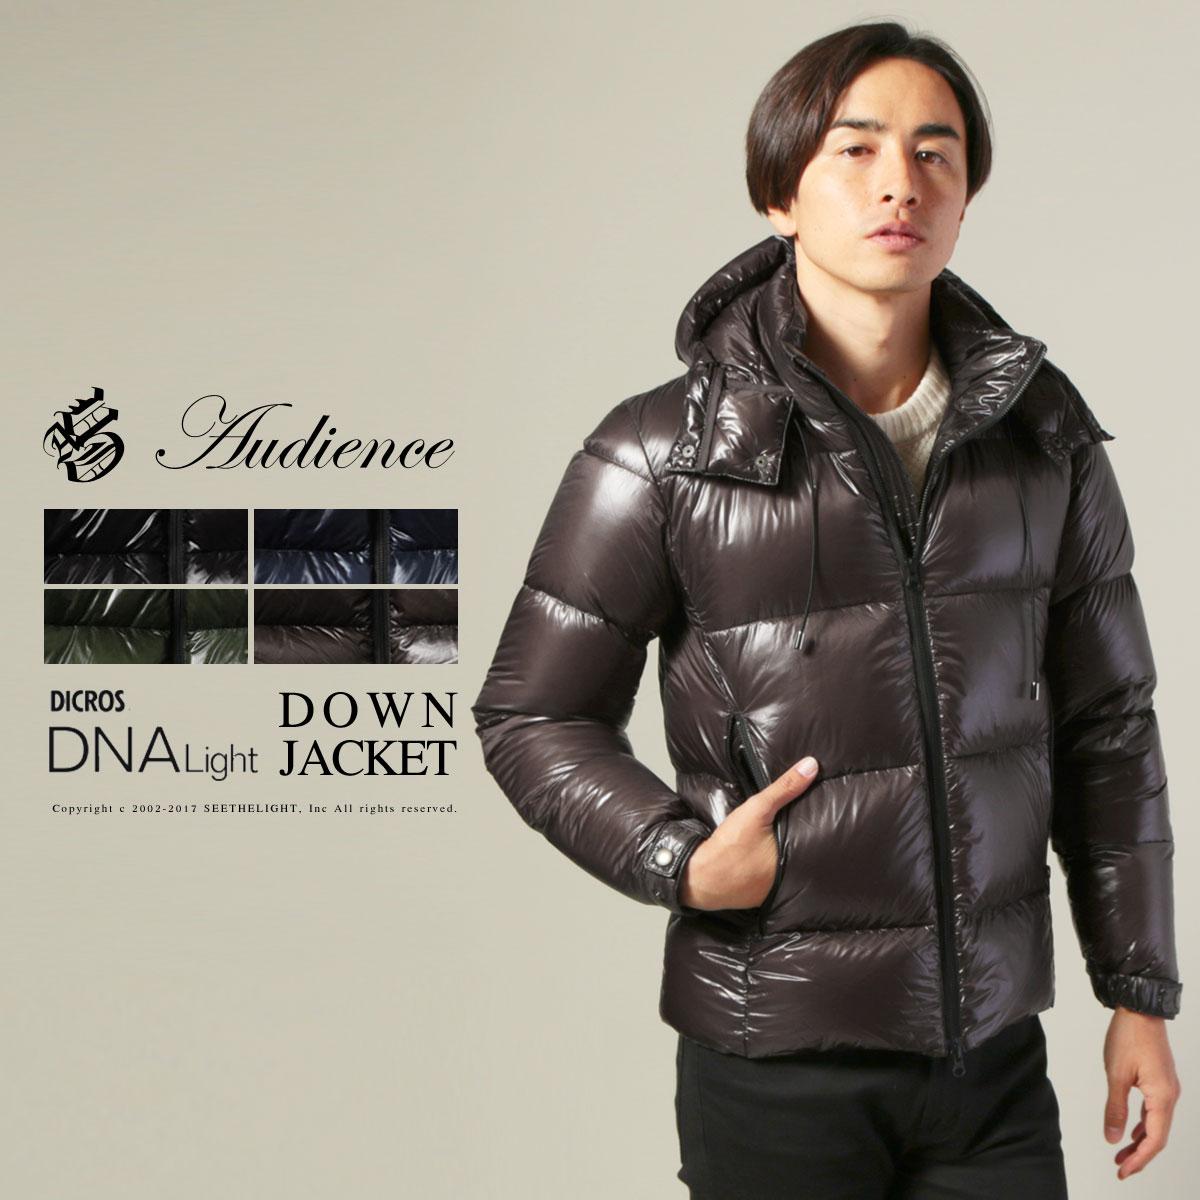 ダウンジャケット メンズ アウター DICROS DNA LIGHT フード脱着 ダウン ジャケット Audience オーディエンス〓予約販売・10月上旬頃発送予定〓